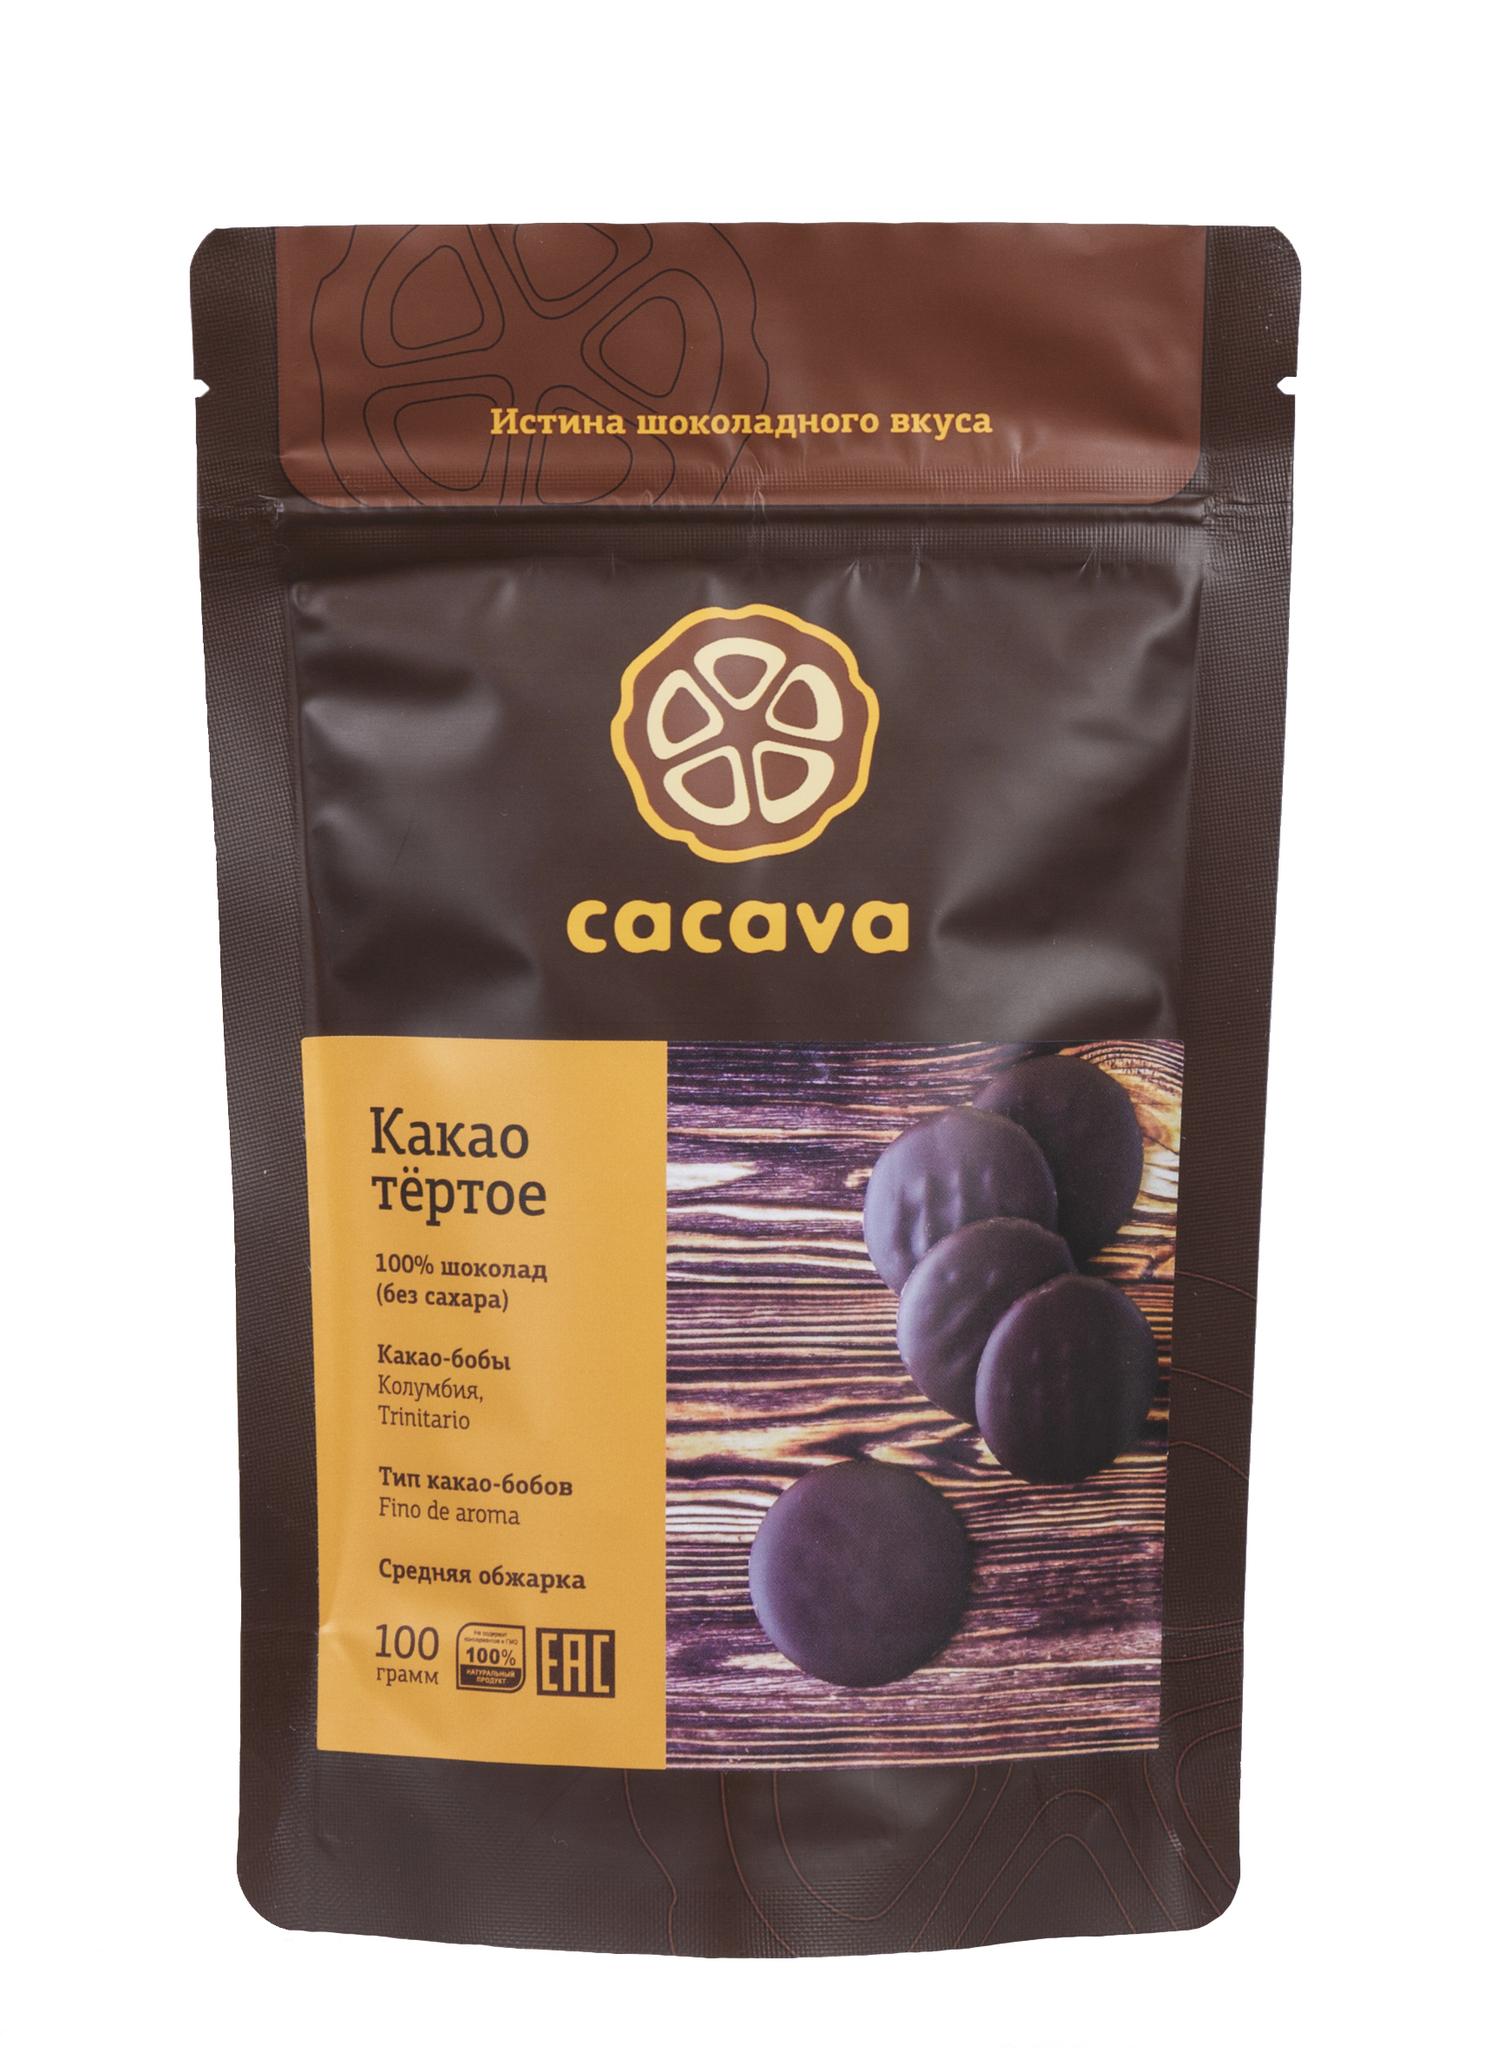 Какао тёртое (Колумбия), упаковка 100 грамм